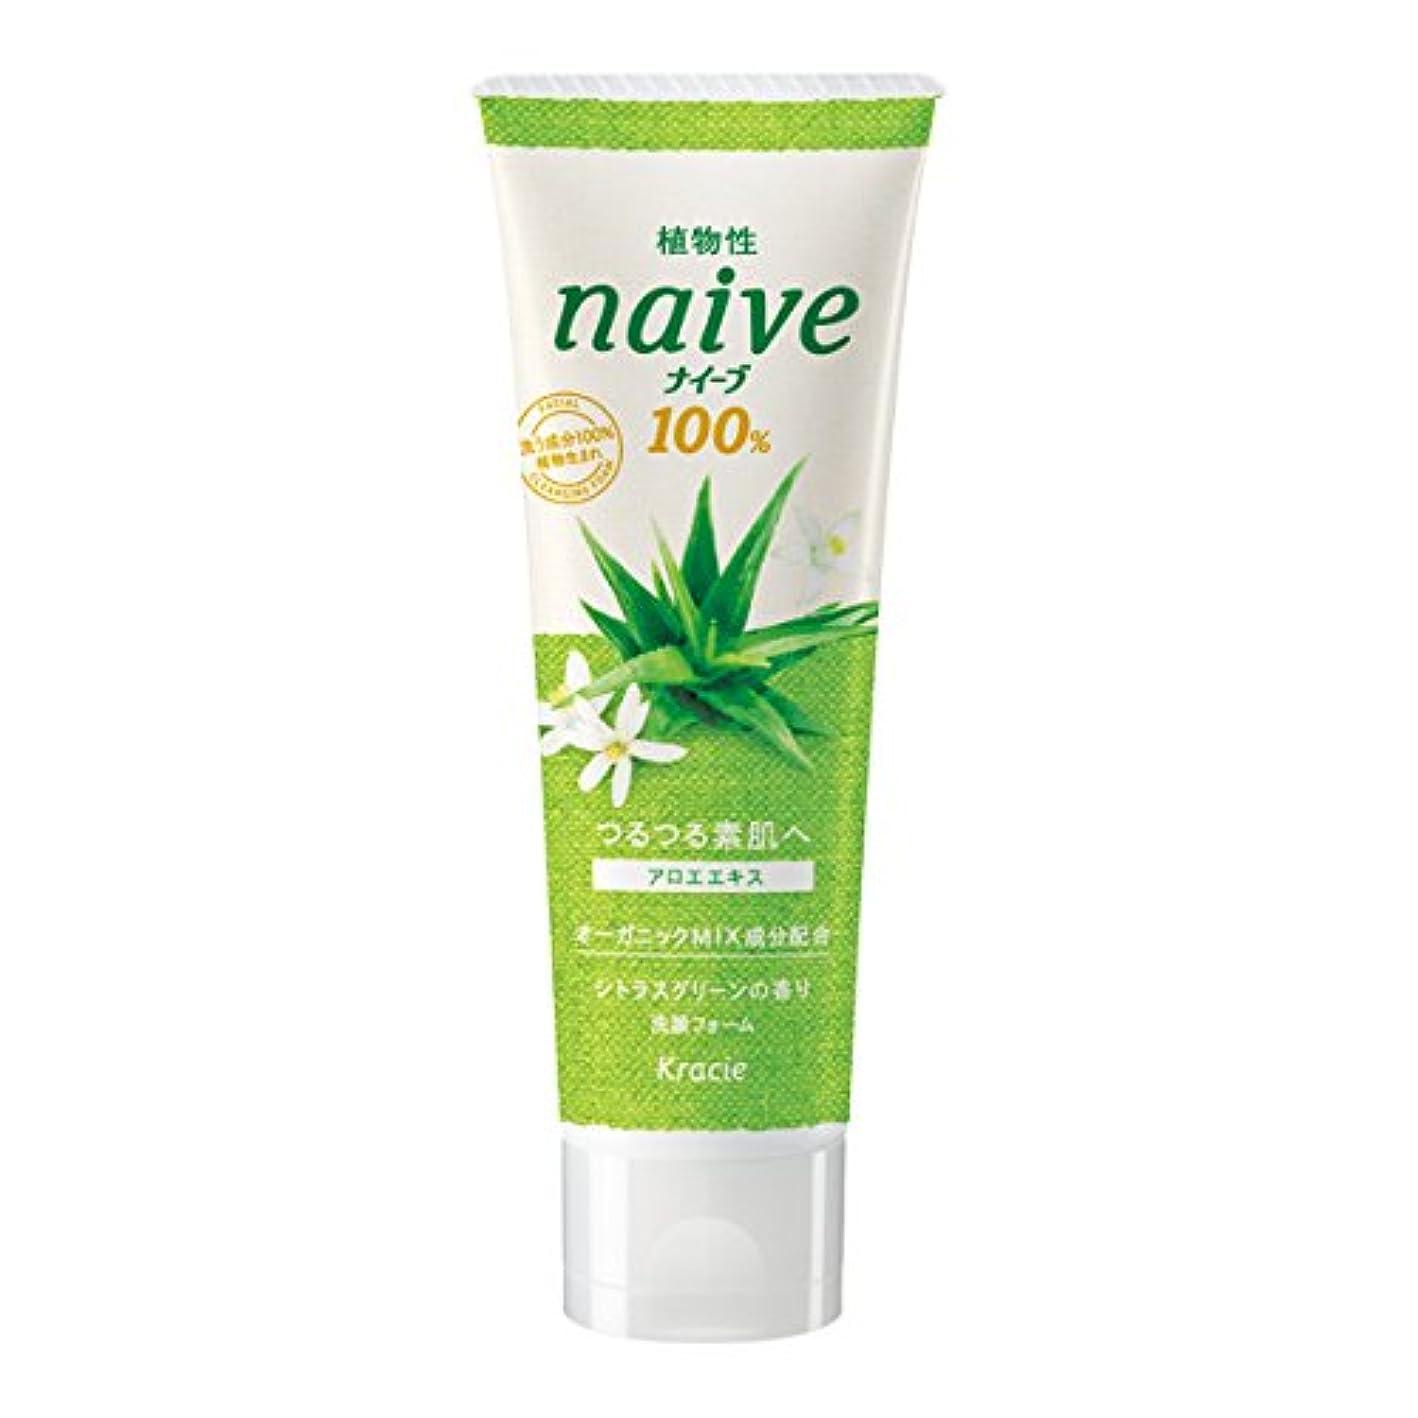 戦略保有者弁護士ナイーブ 洗顔フォーム アロエエキス配合 シトラスグリーンの香り 110g